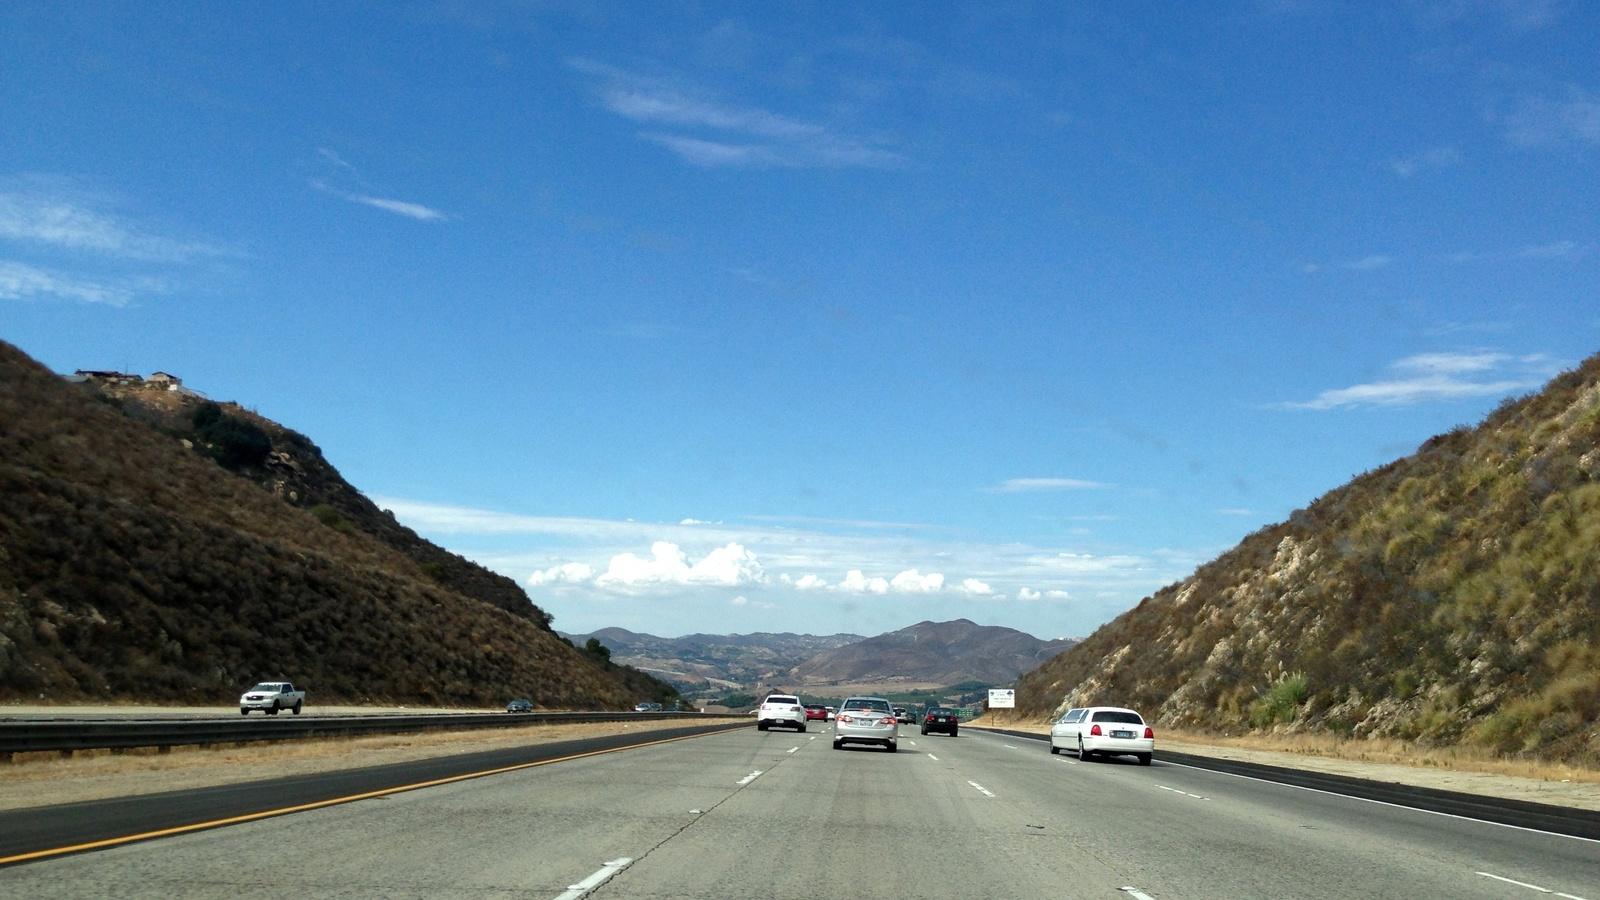 дорога, шоссе, авто, движение, скорость